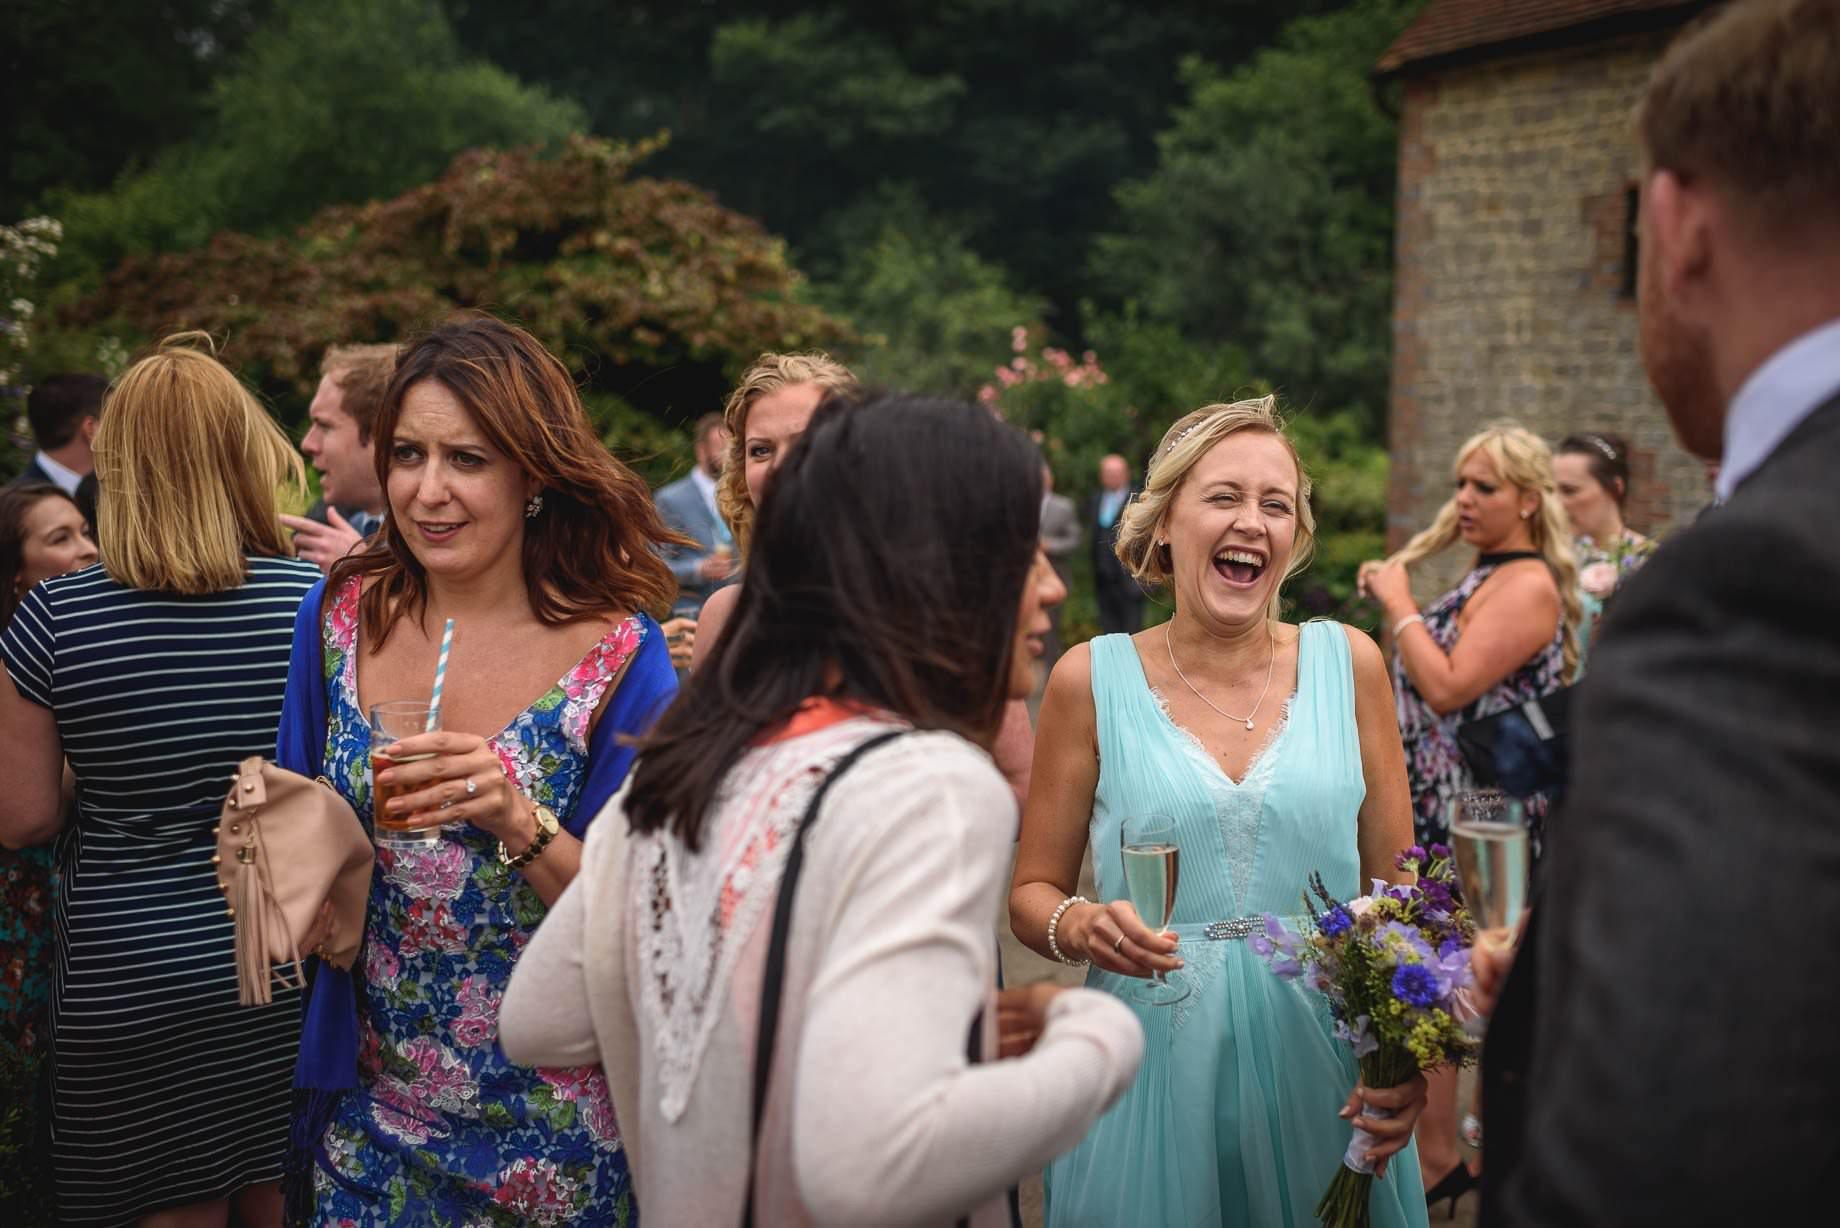 Bartholomew Barns wedding photography - Louise and Spencer (64 of 151)